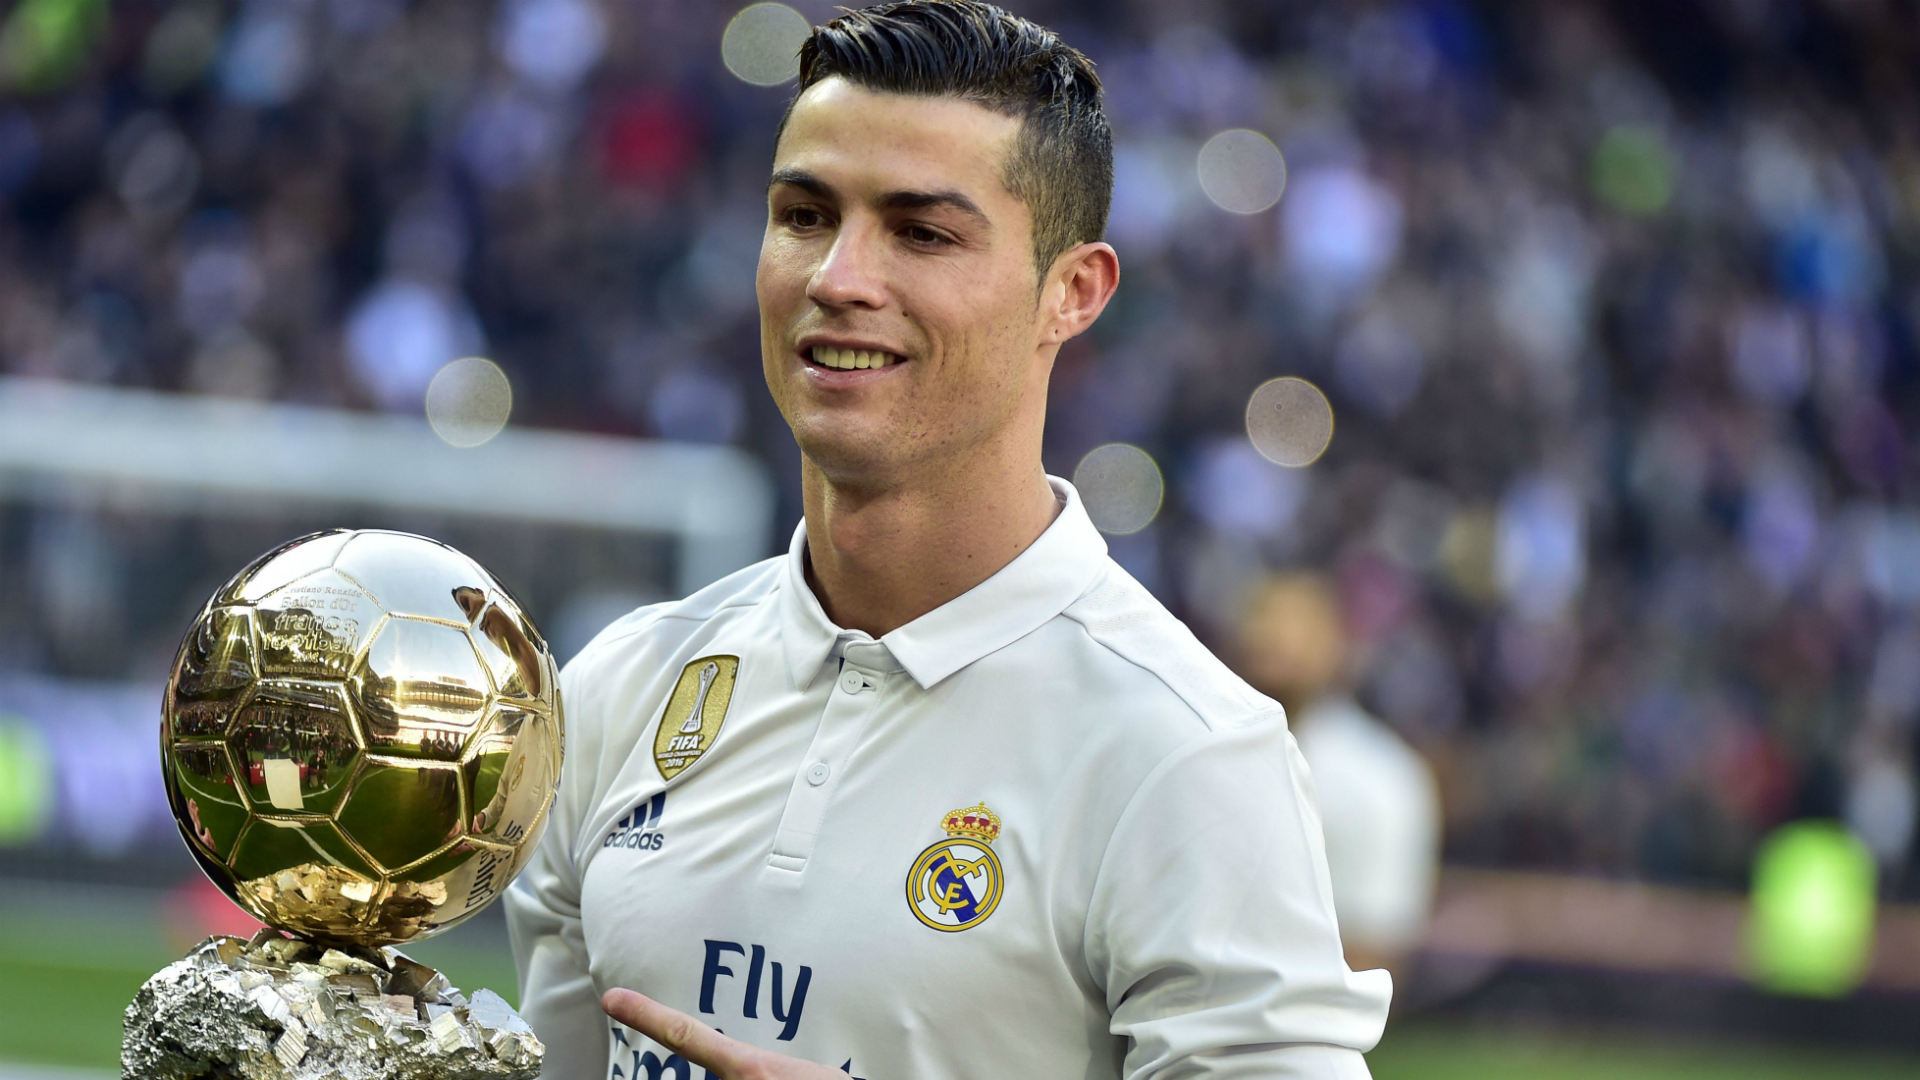 Cristiano Ronaldo Real Madrid Granada La Liga Ballon d'Or